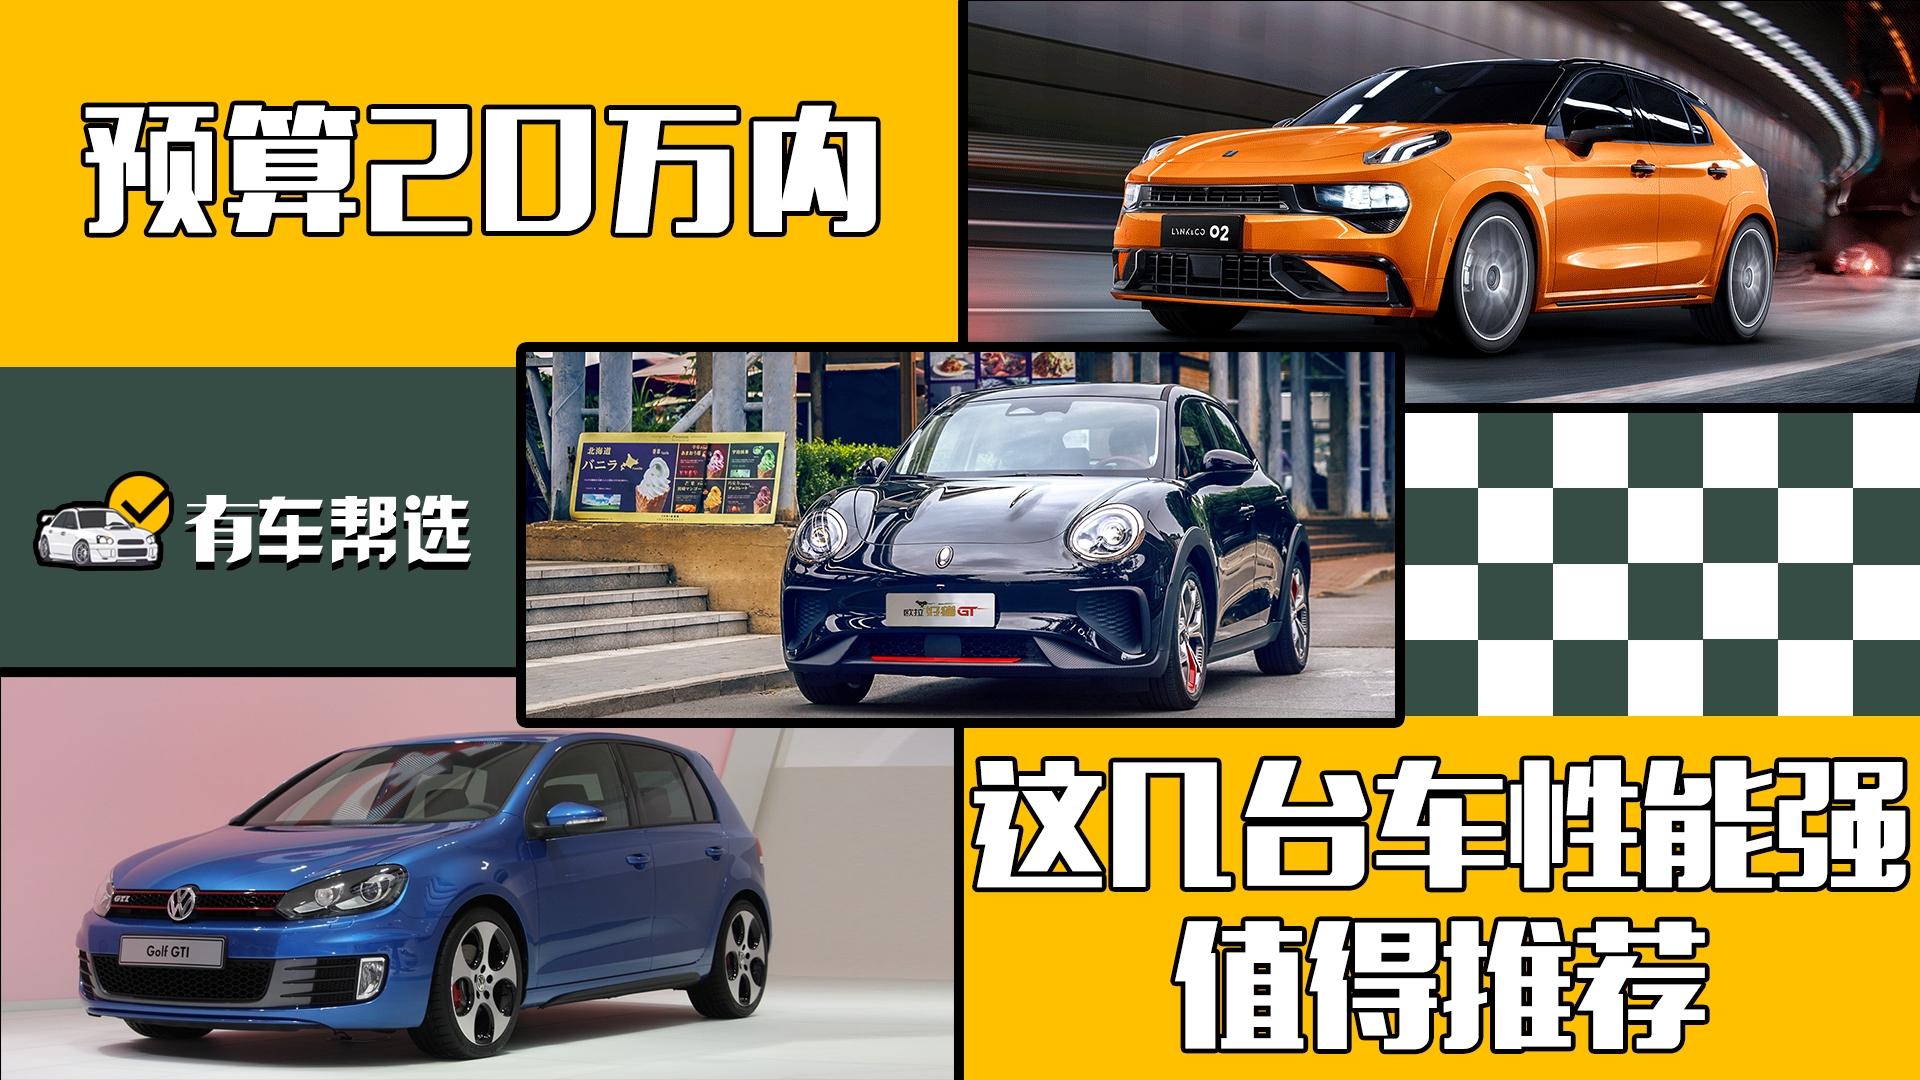 20万元内想买性能较强的车怎么选?看看今日推荐 总有一款适合你